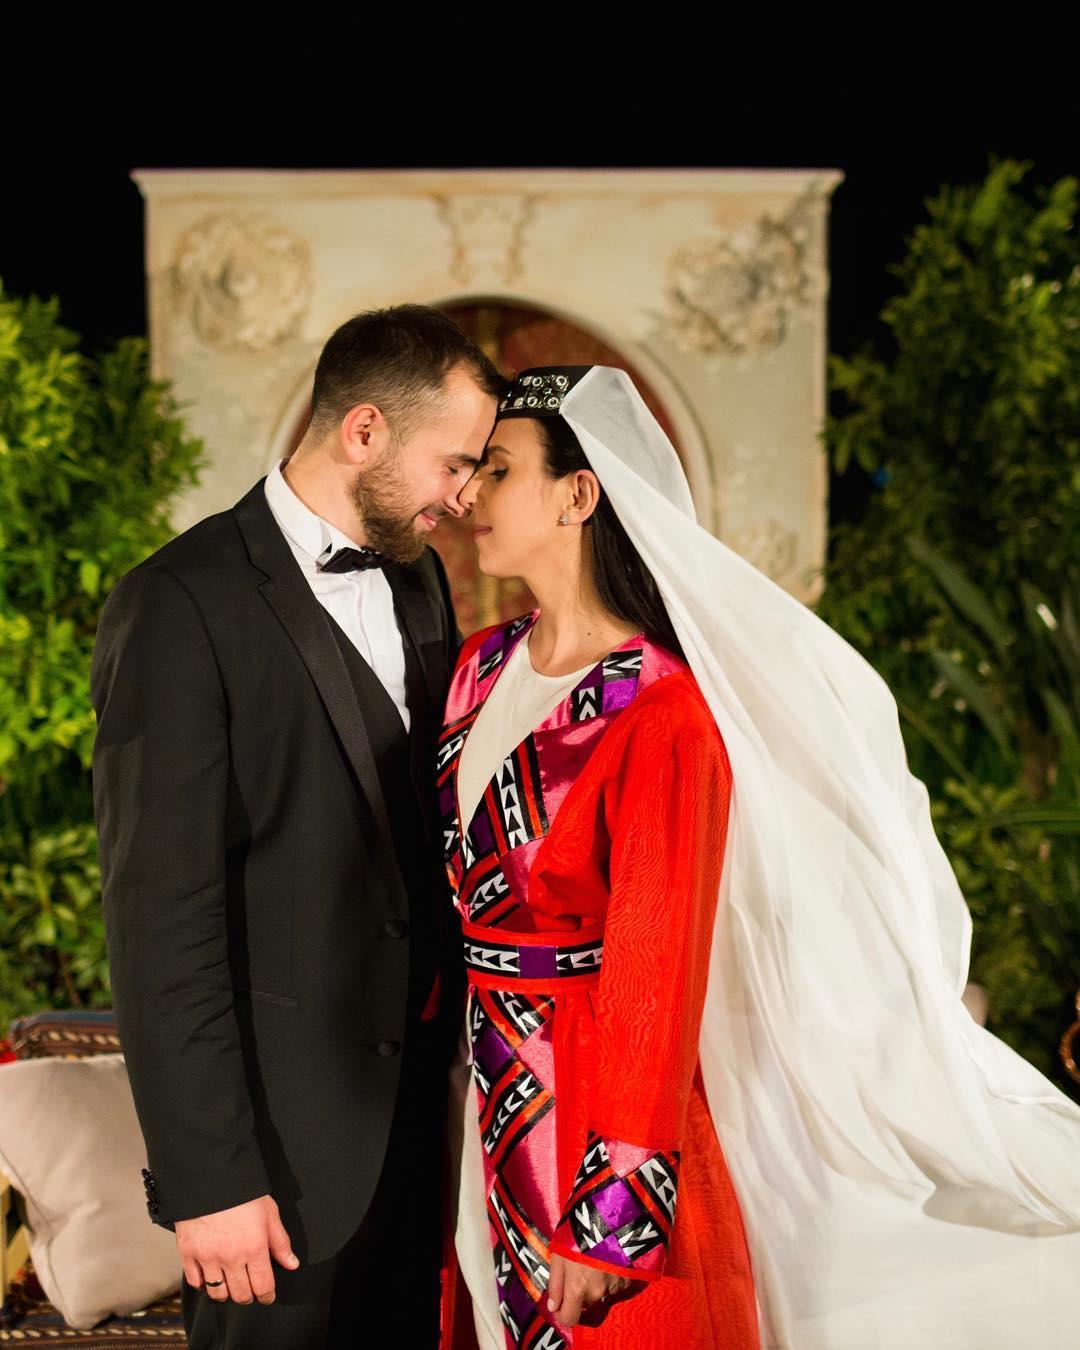 джамала свадьба свадебное платье красное длинное татарское в национальном стиле украинские звезды в чем выходят замуж